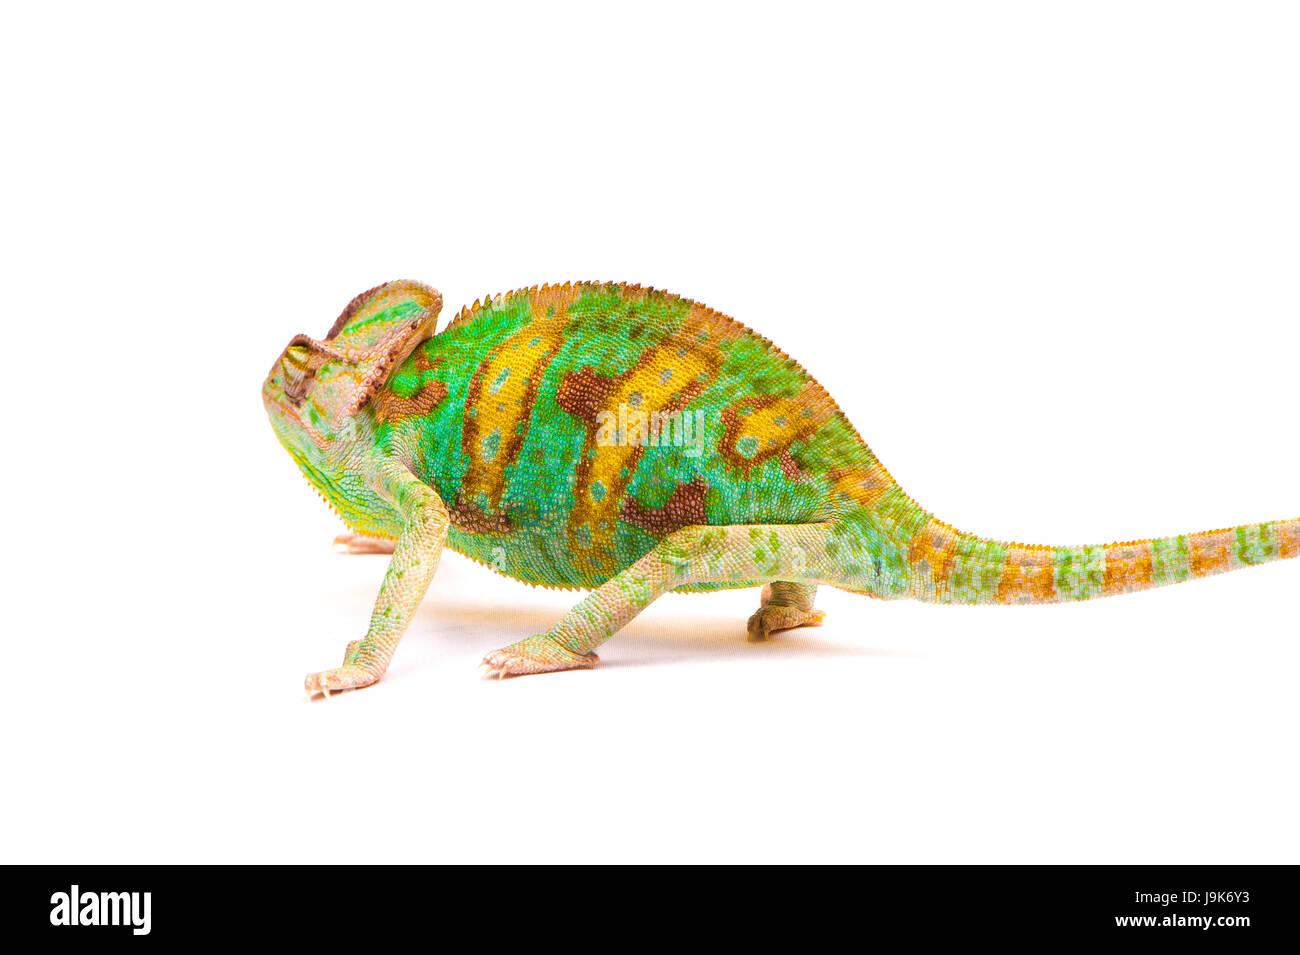 Yemen chameleon muzzle isolated on white background - Stock Image